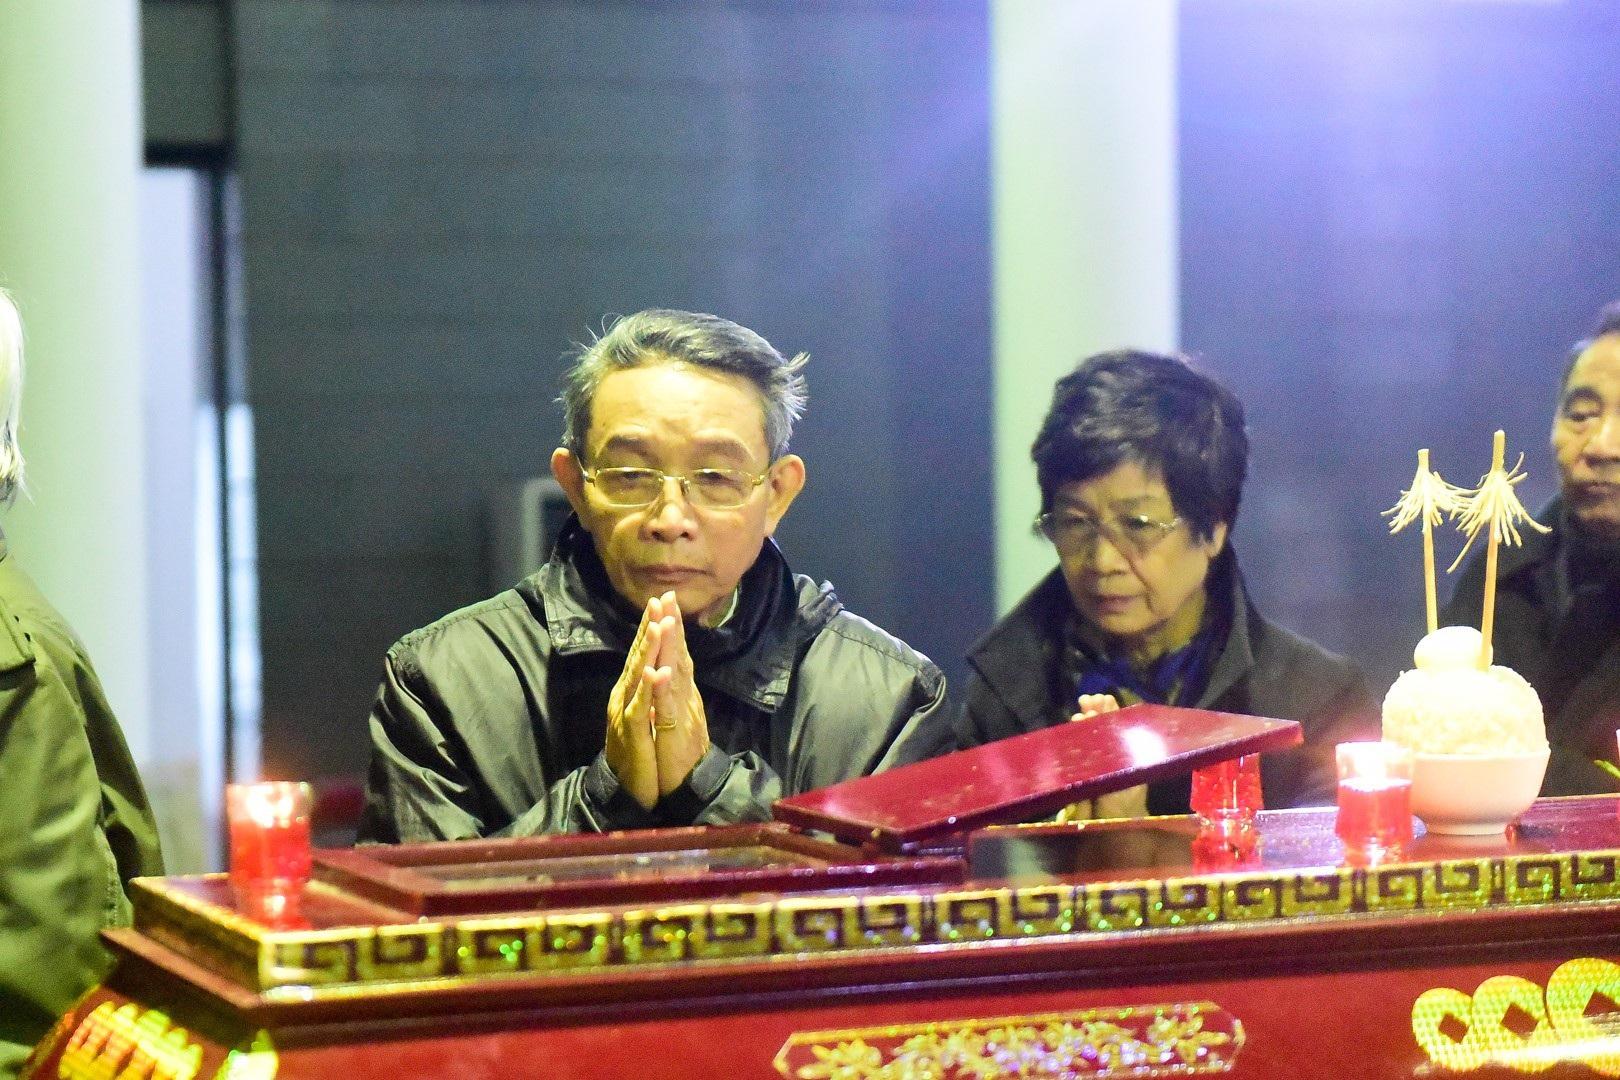 Đông đảo bạn bè, văn nghệ sĩ đến tiễn đưa nhà thơ- nhạc sĩ Nguyễn Trọng Tạo - Ảnh 12.